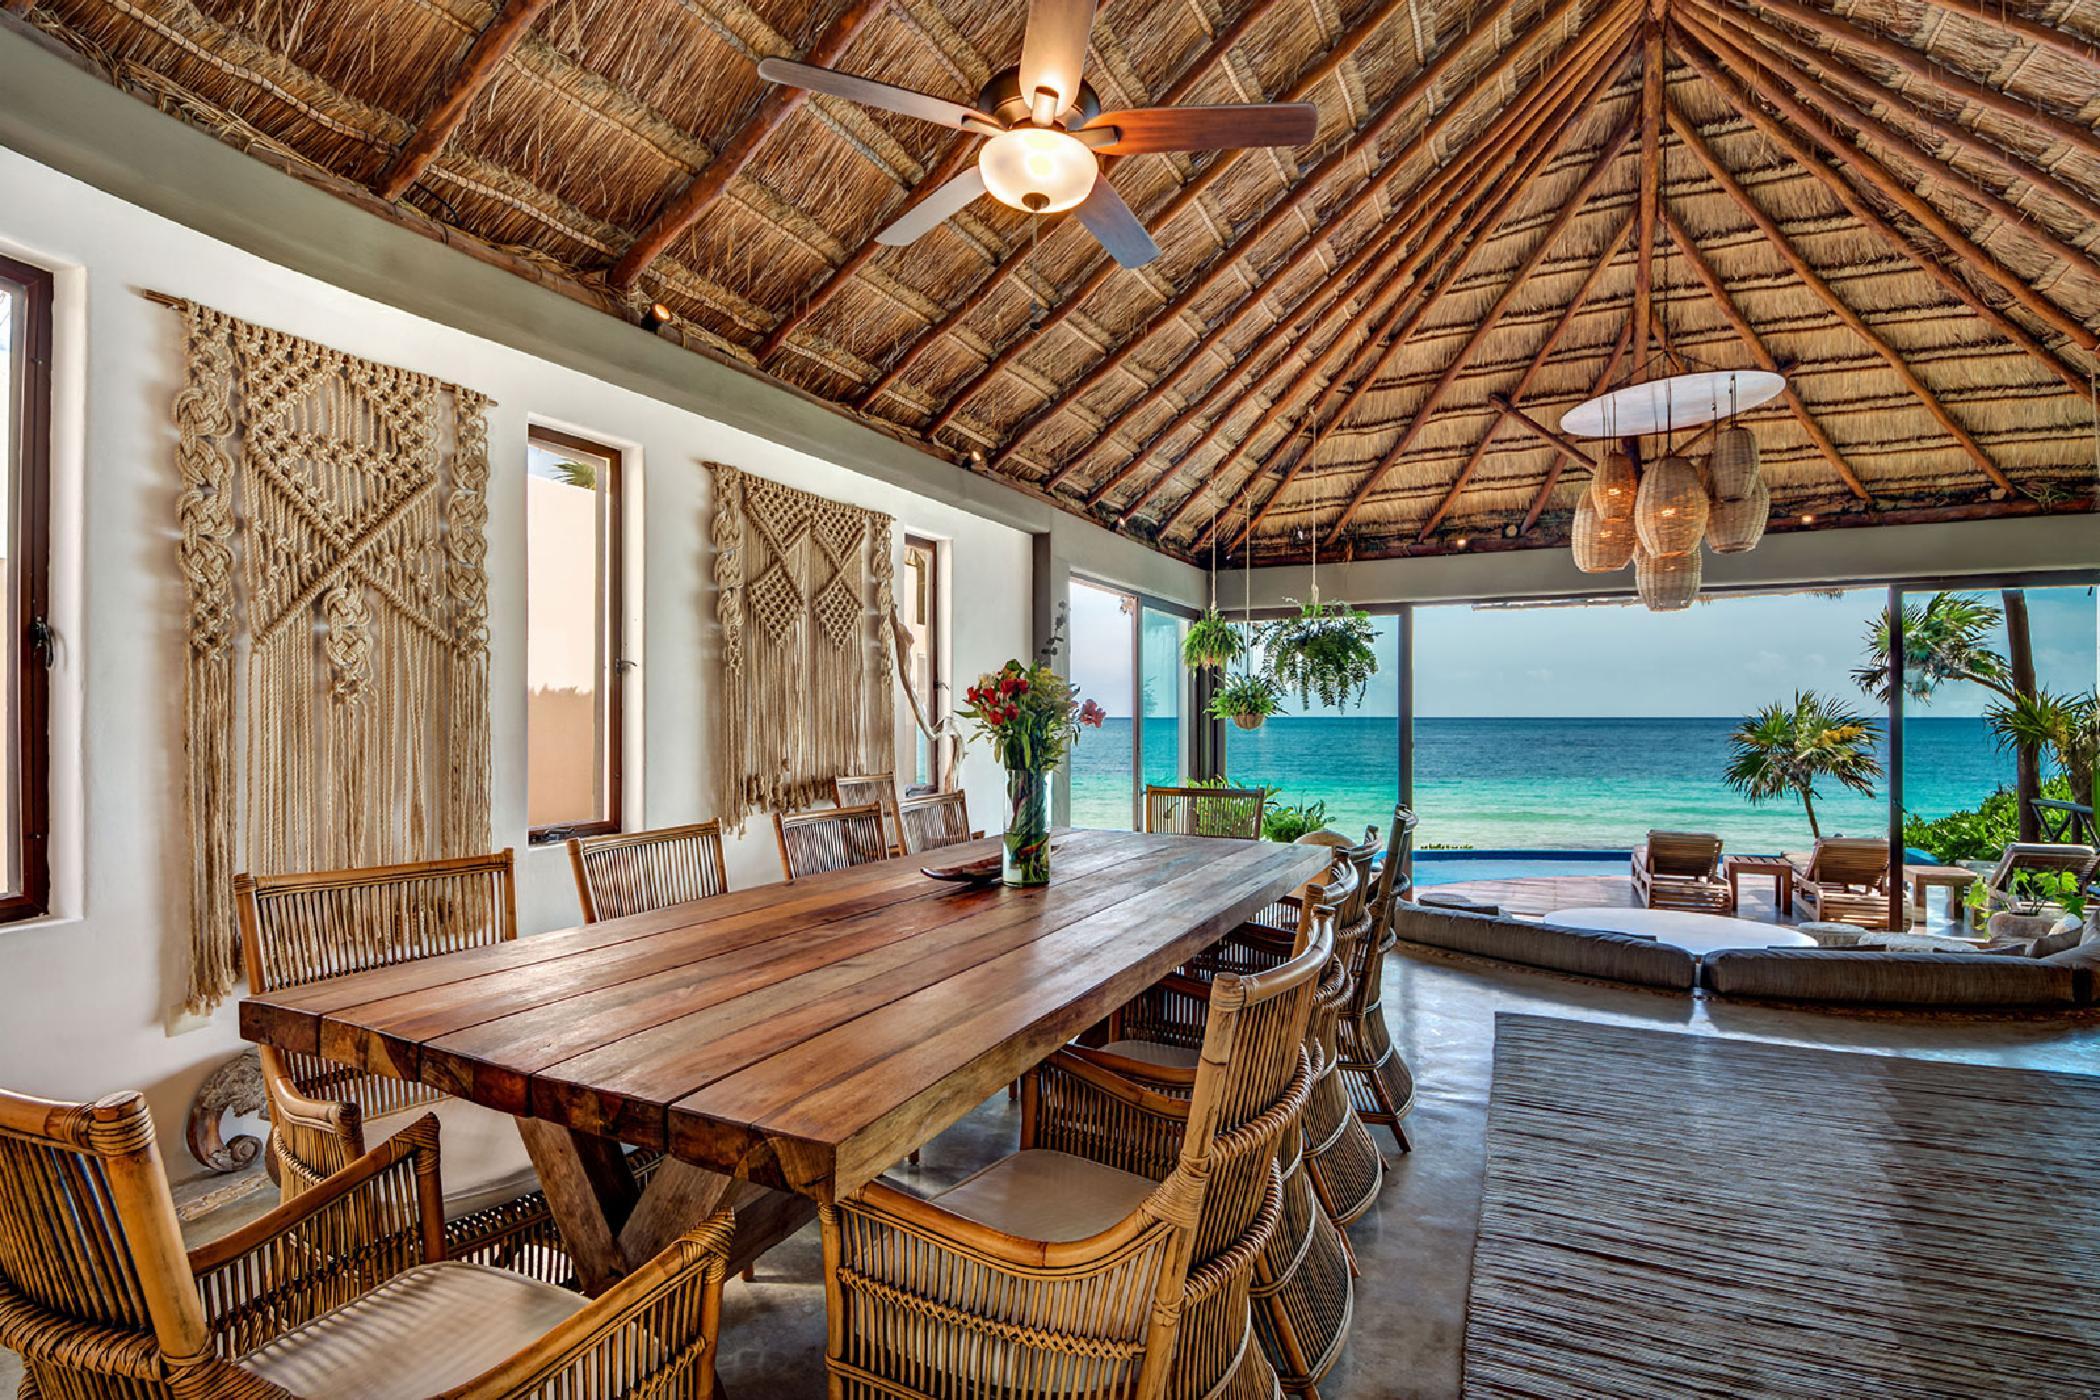 Maya_Luxe_Riviera_Maya_Luxury_Villas_Experiences_Tulum_Beach_5_Bedrooms_Villa_Miramar_17.jpg